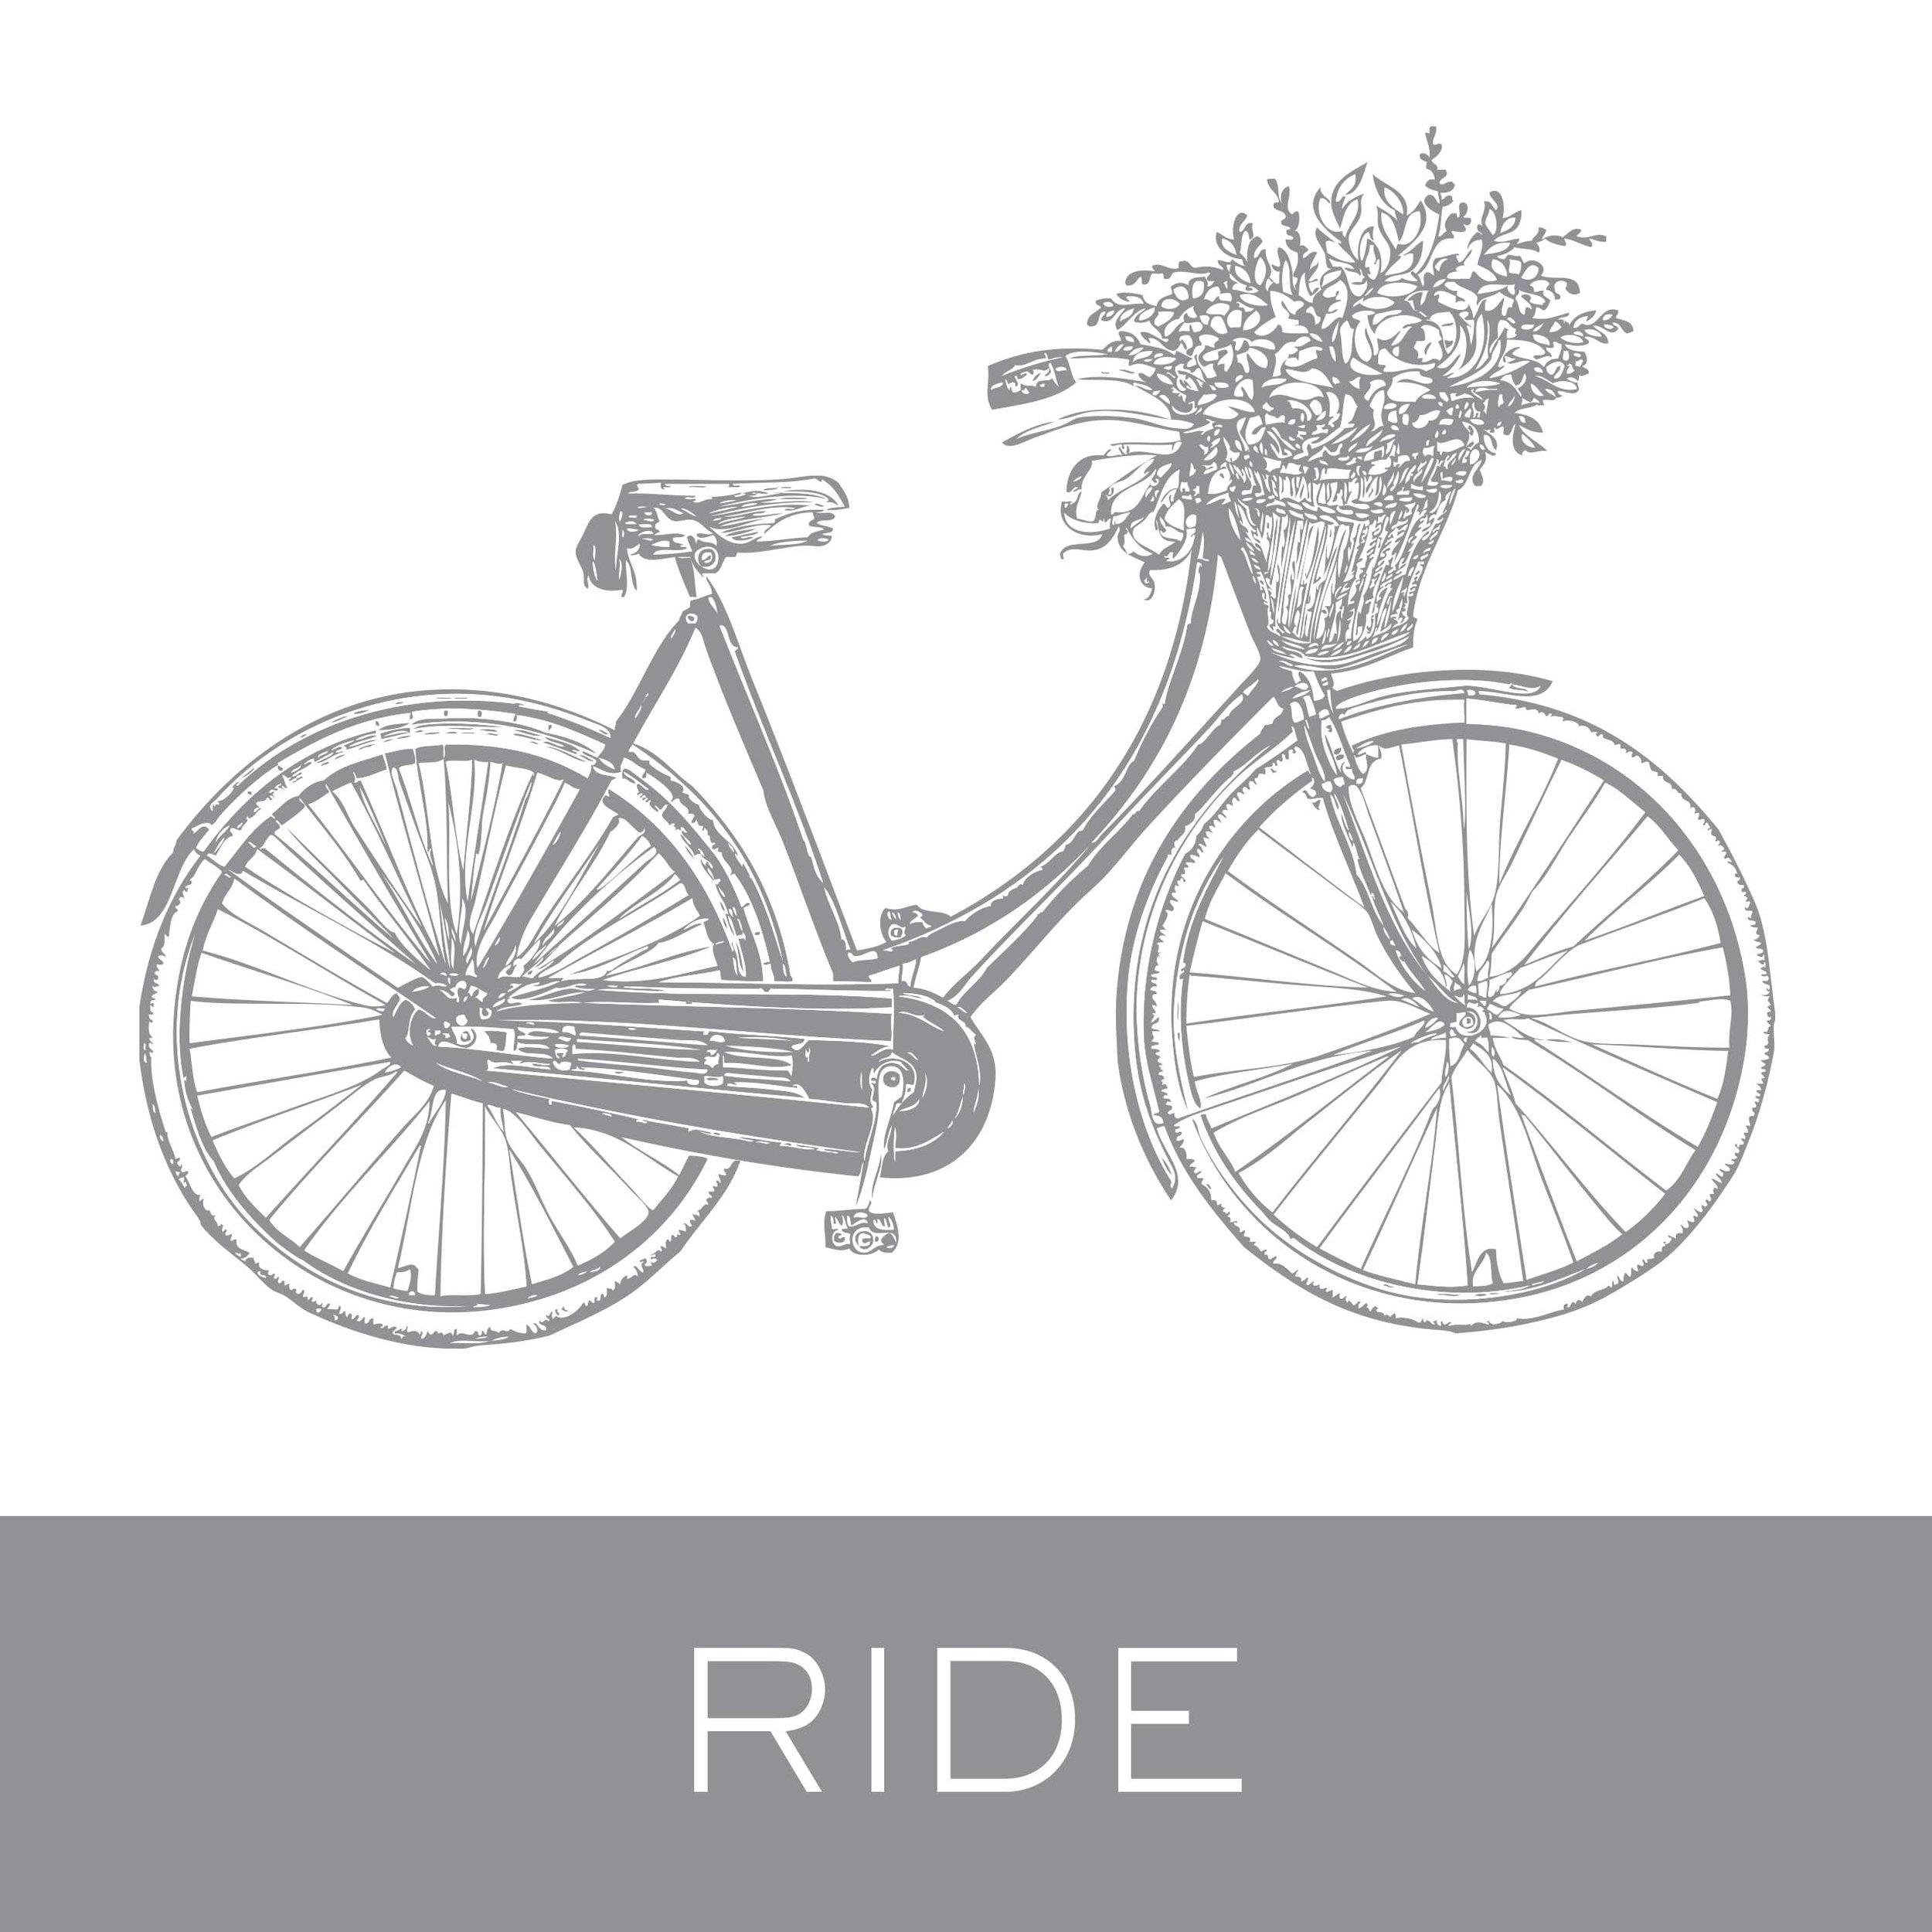 ride.jpg